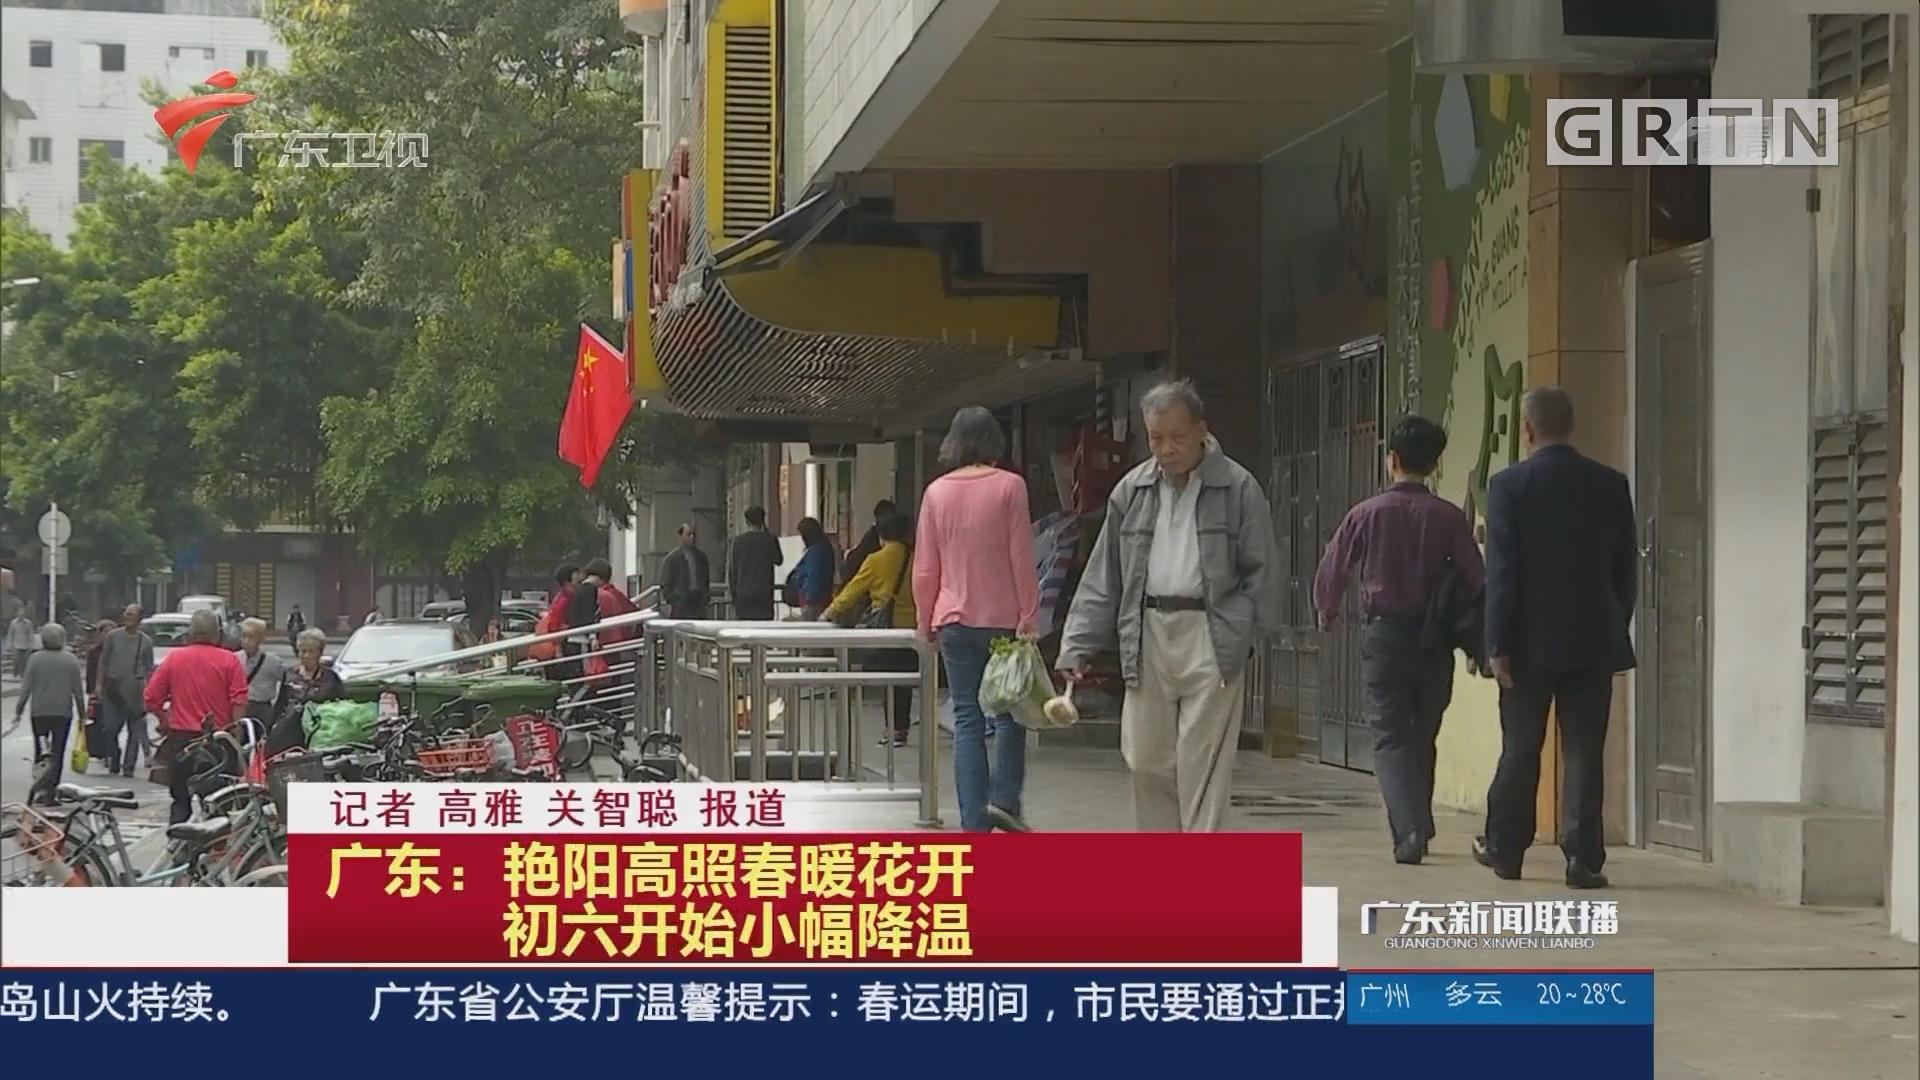 广东:艳阳高照春暖花开 初六开始小幅降温